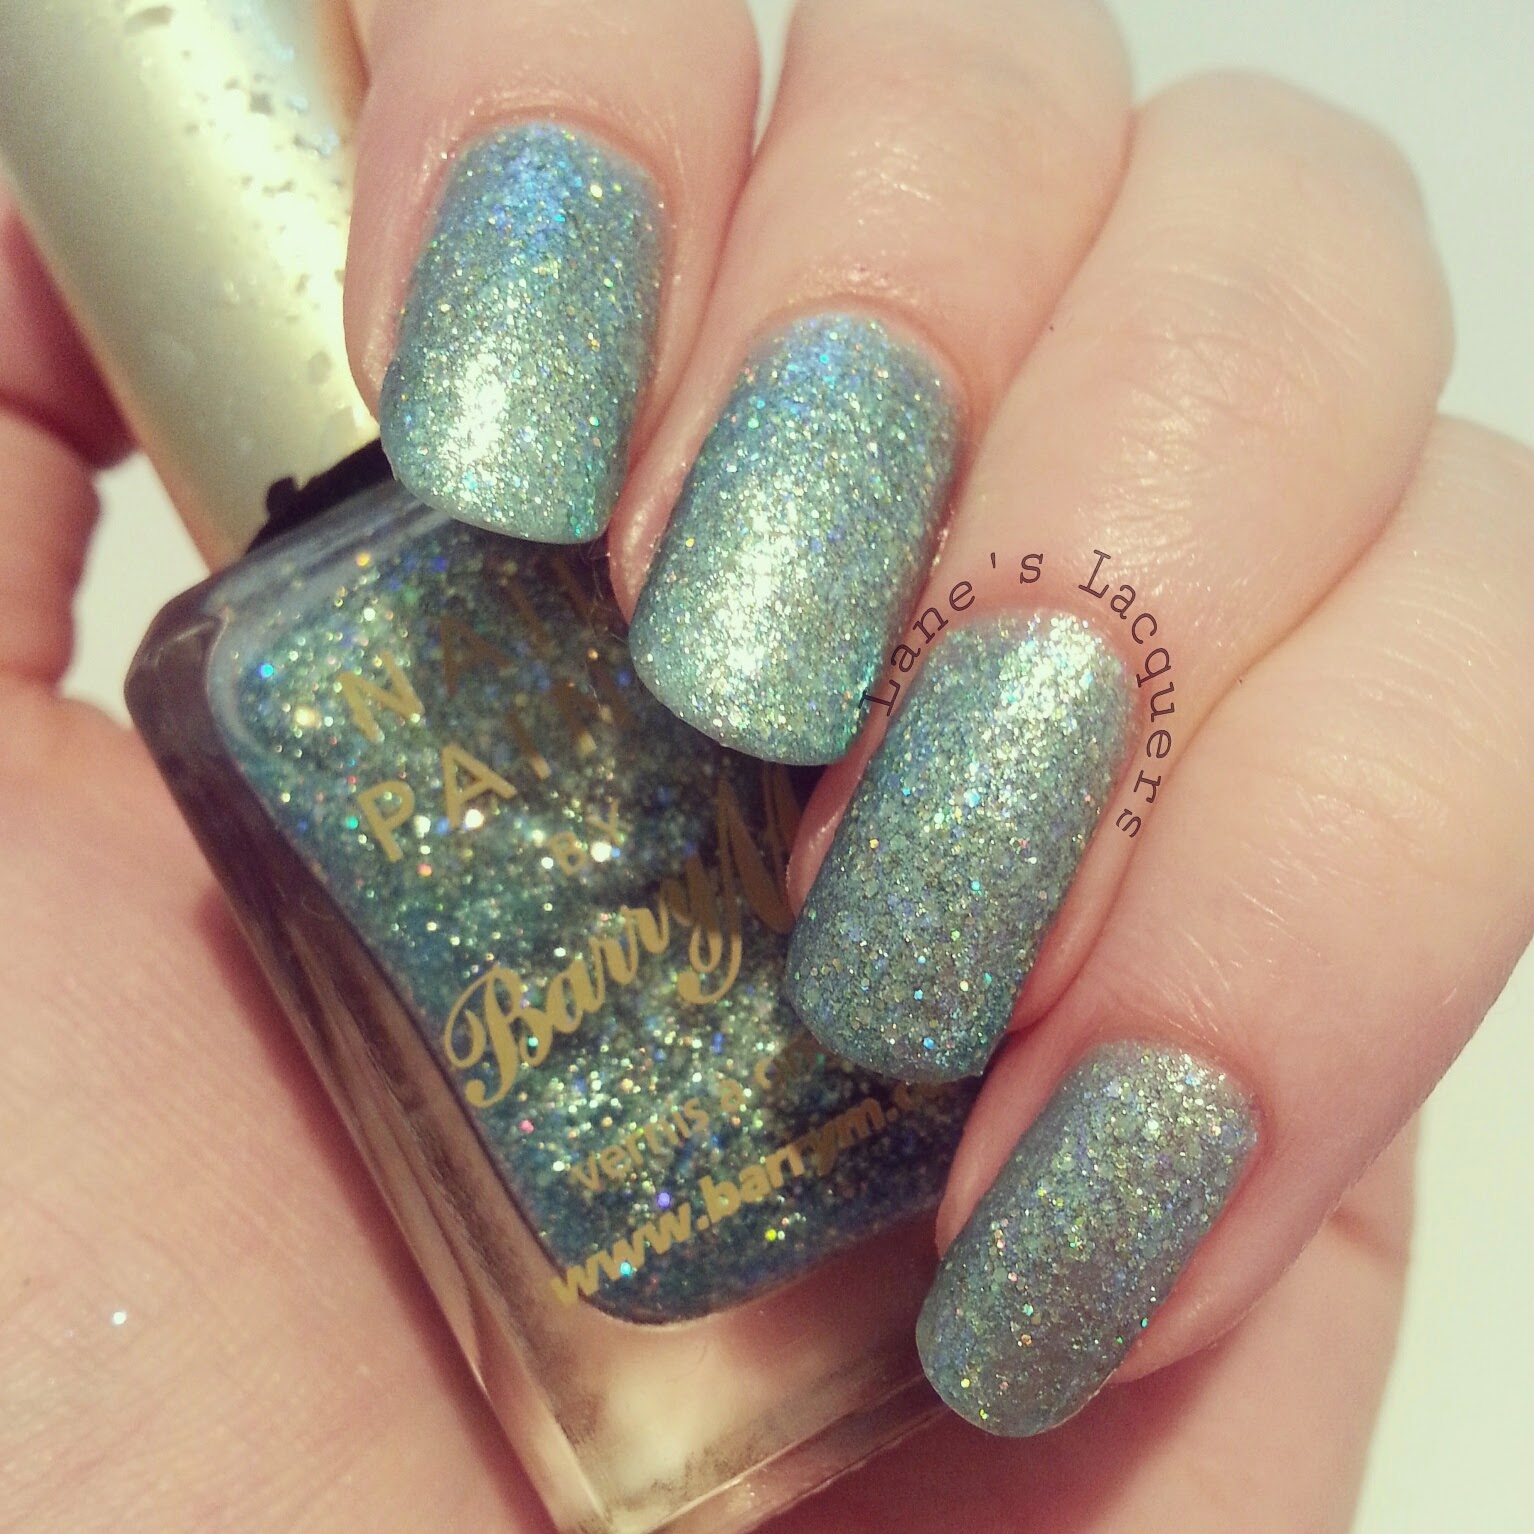 new-barry-m-glitterati-catwalk-queen-swatch-manicure (2)